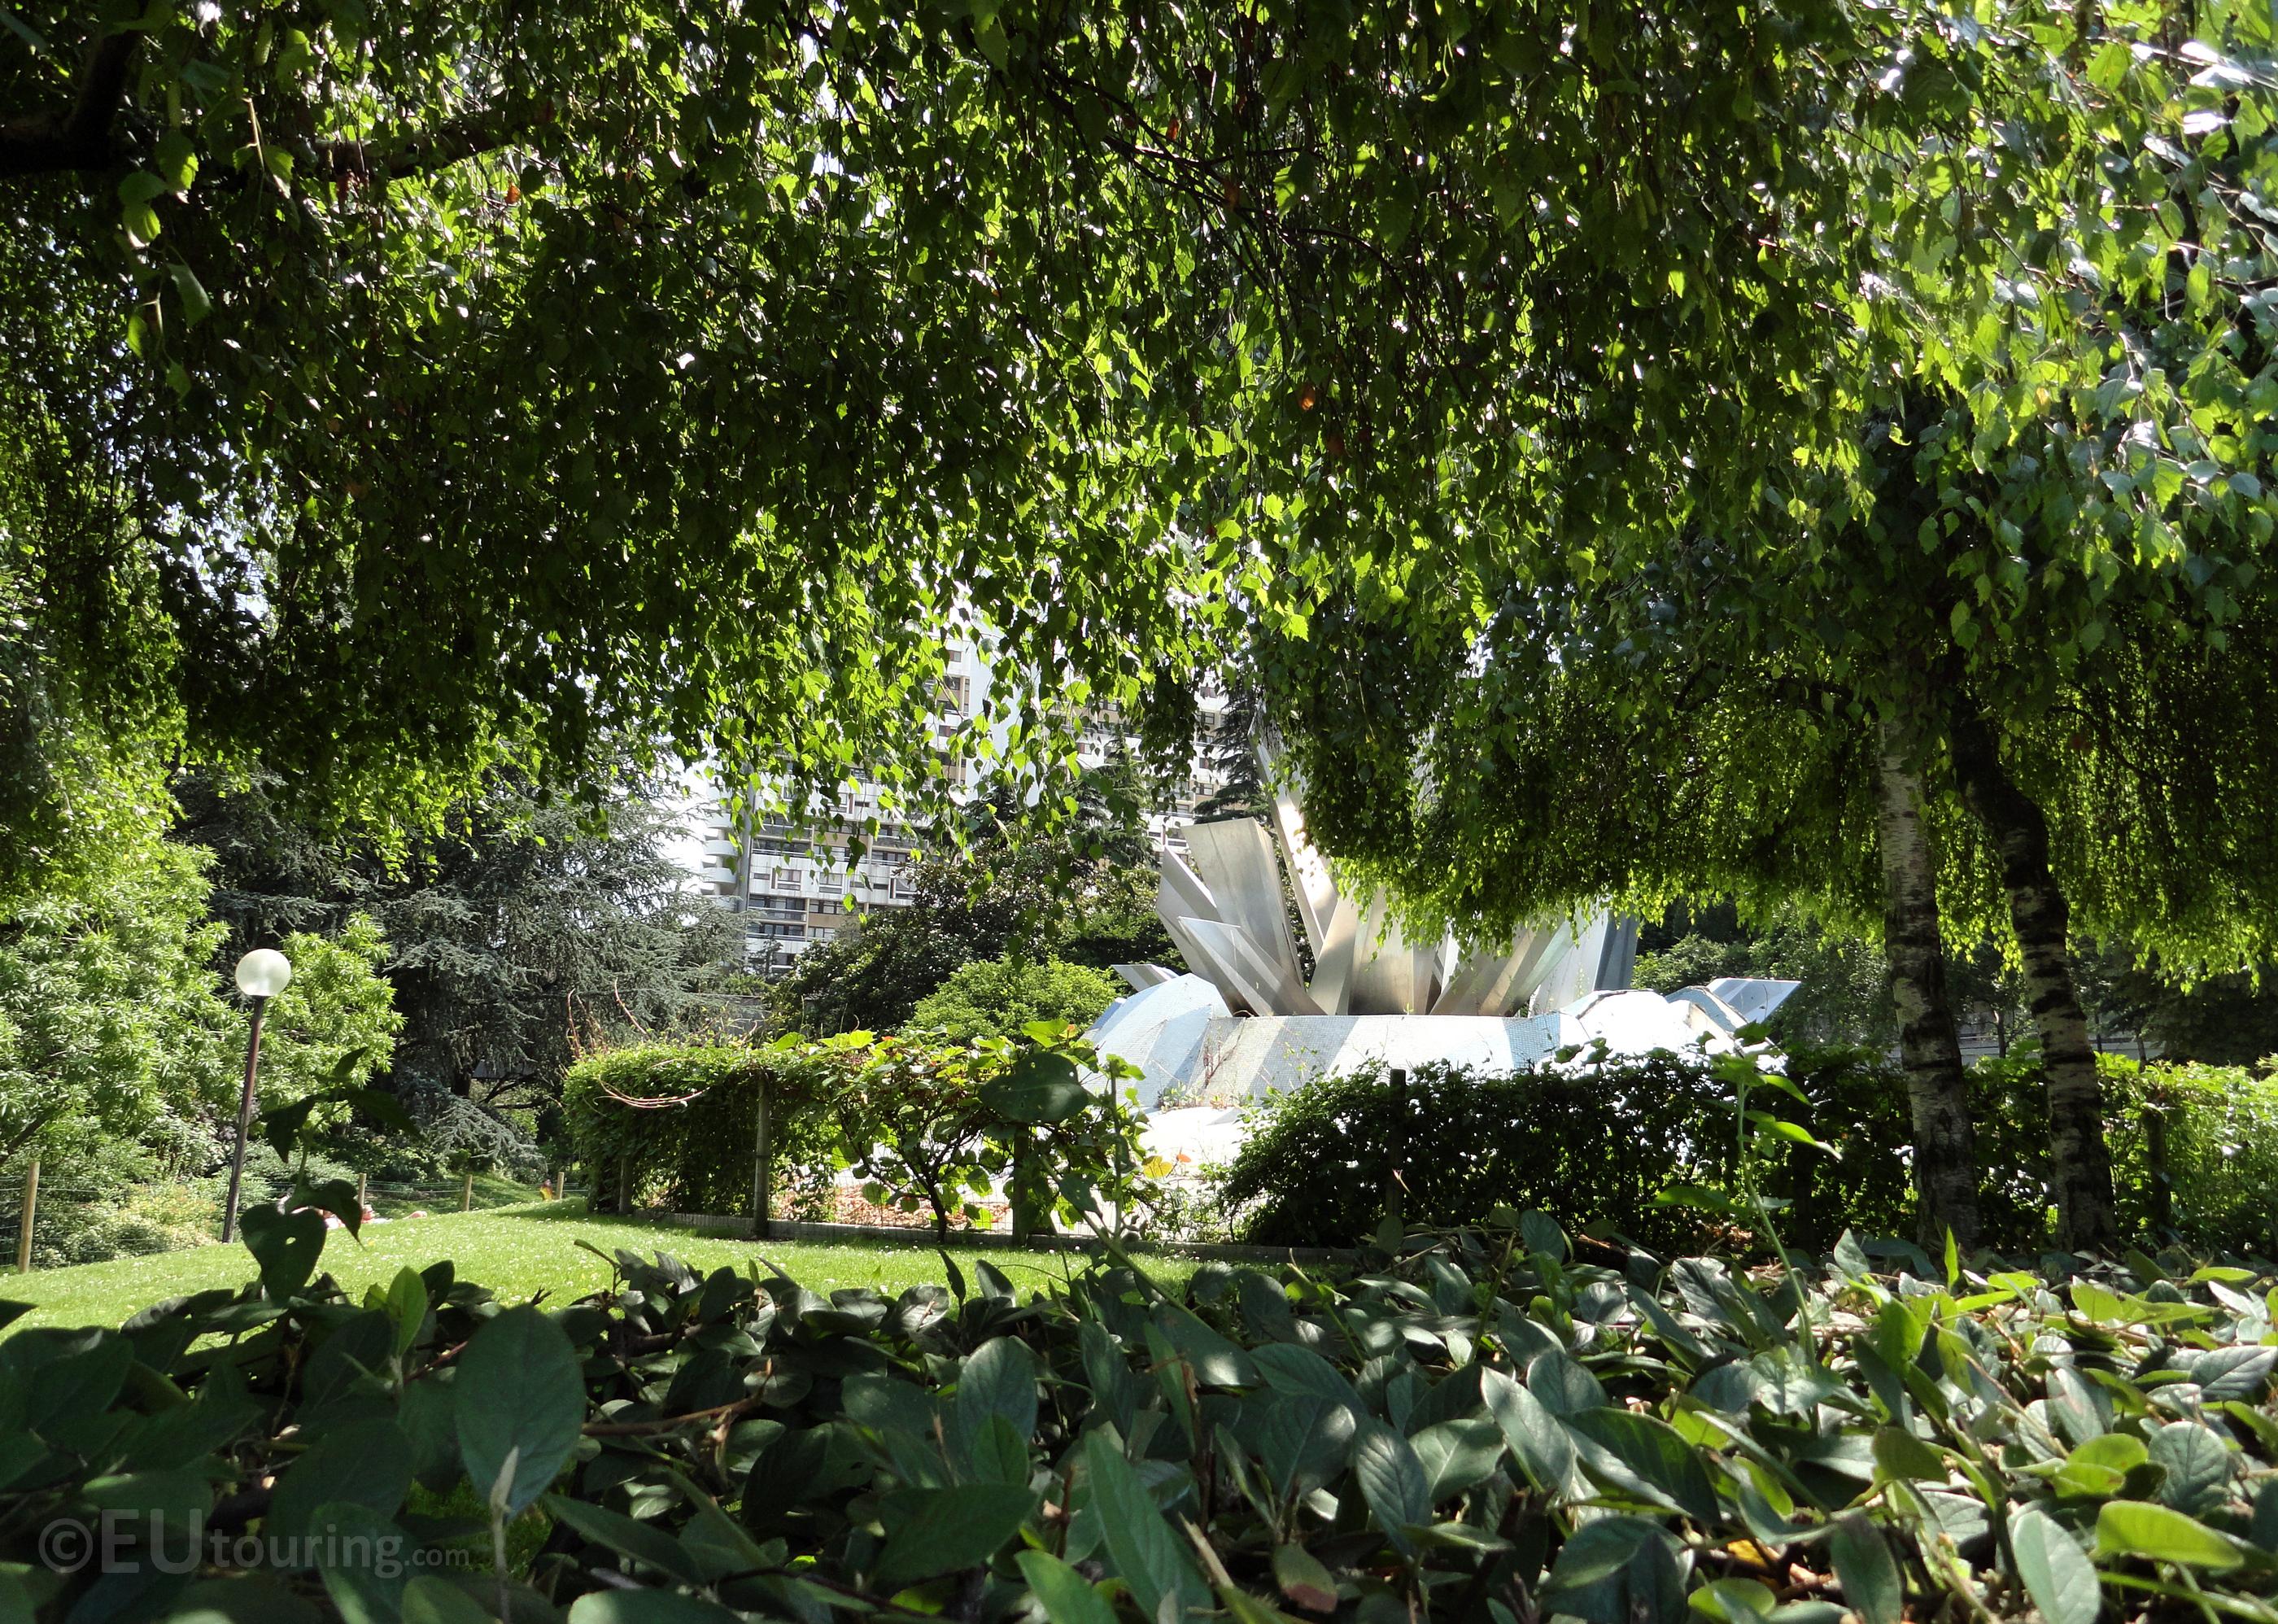 Through trees to the fountain